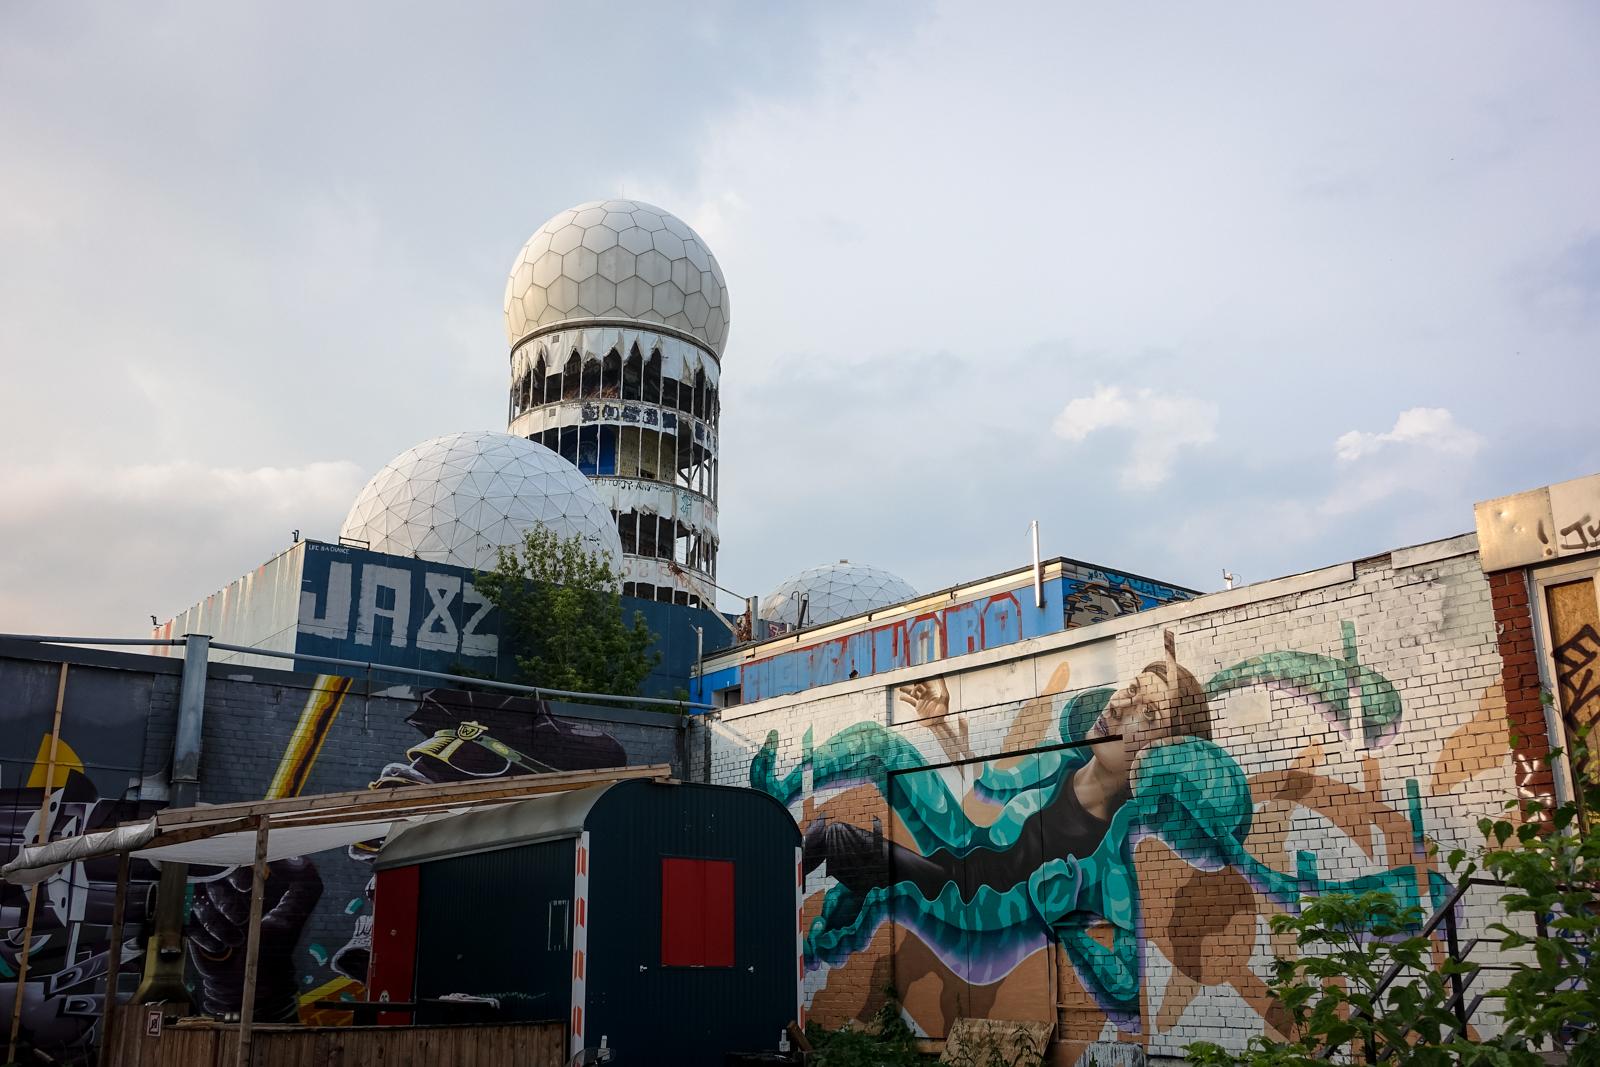 graffiti - vidam & james bullough - berlin, abhörstation teufel